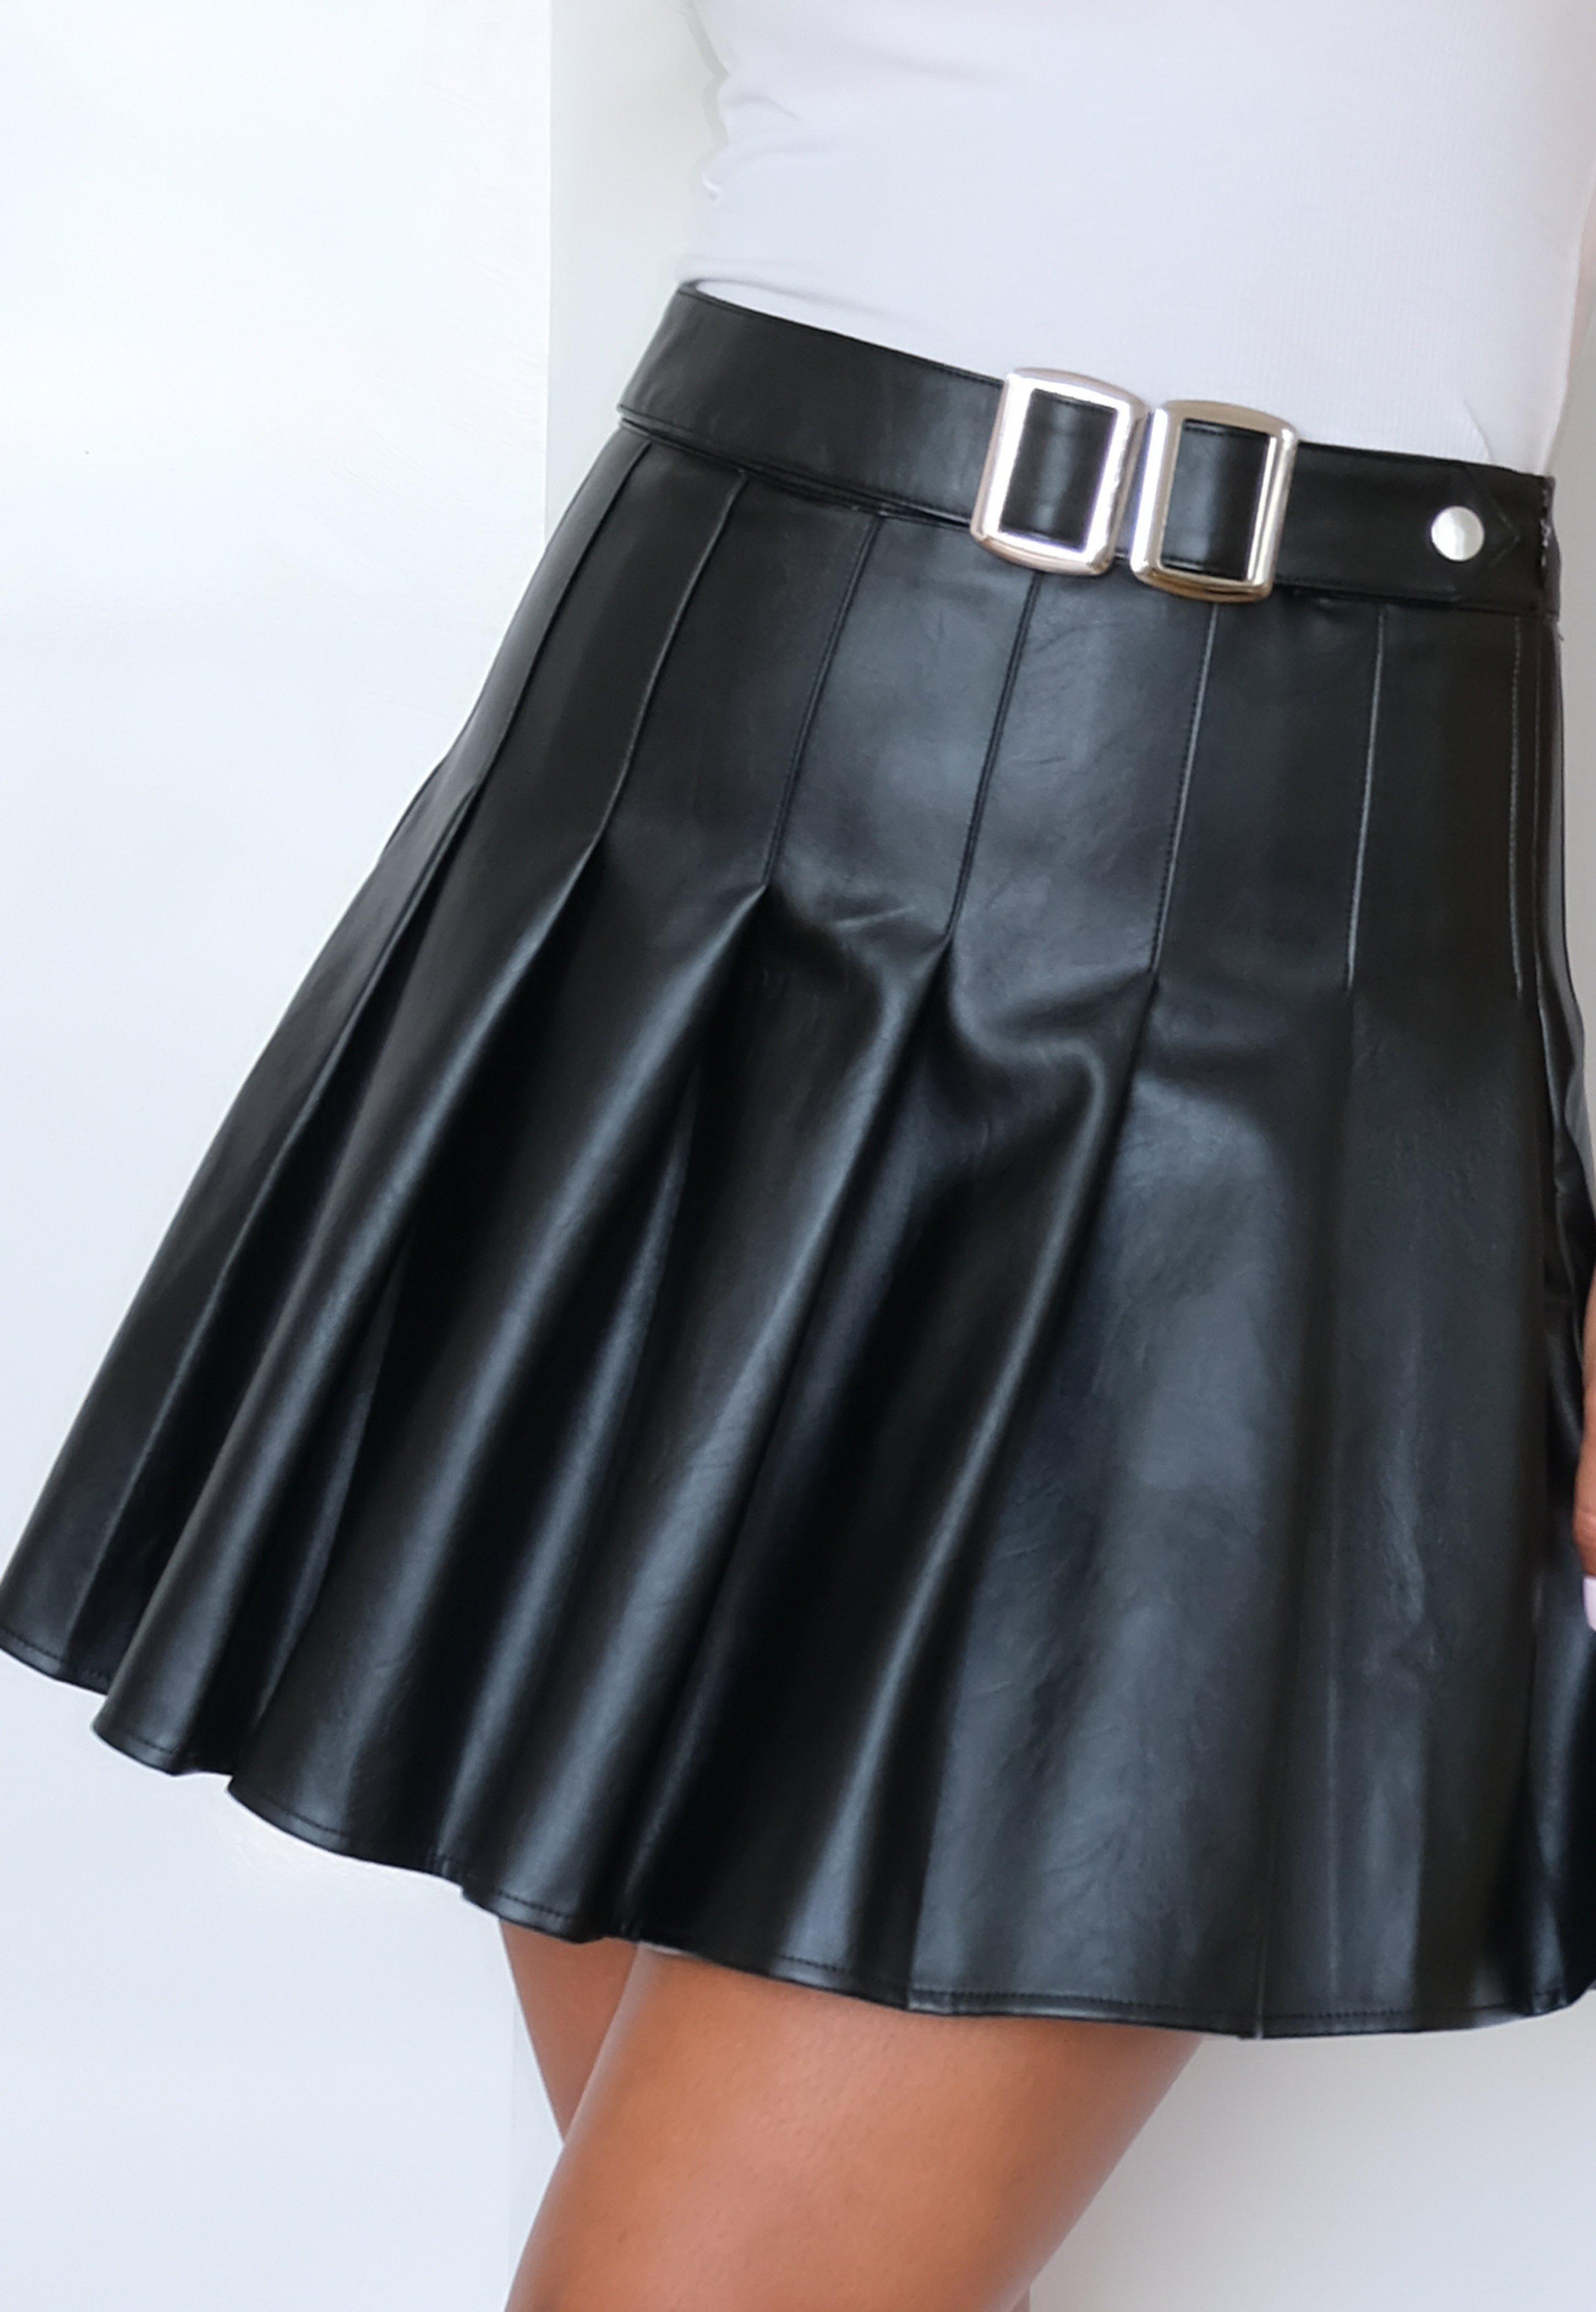 Black Leather Skirt Belt Leather Skirt Belt Skirt Leather Belt Fashion Accessories Leather Accessories